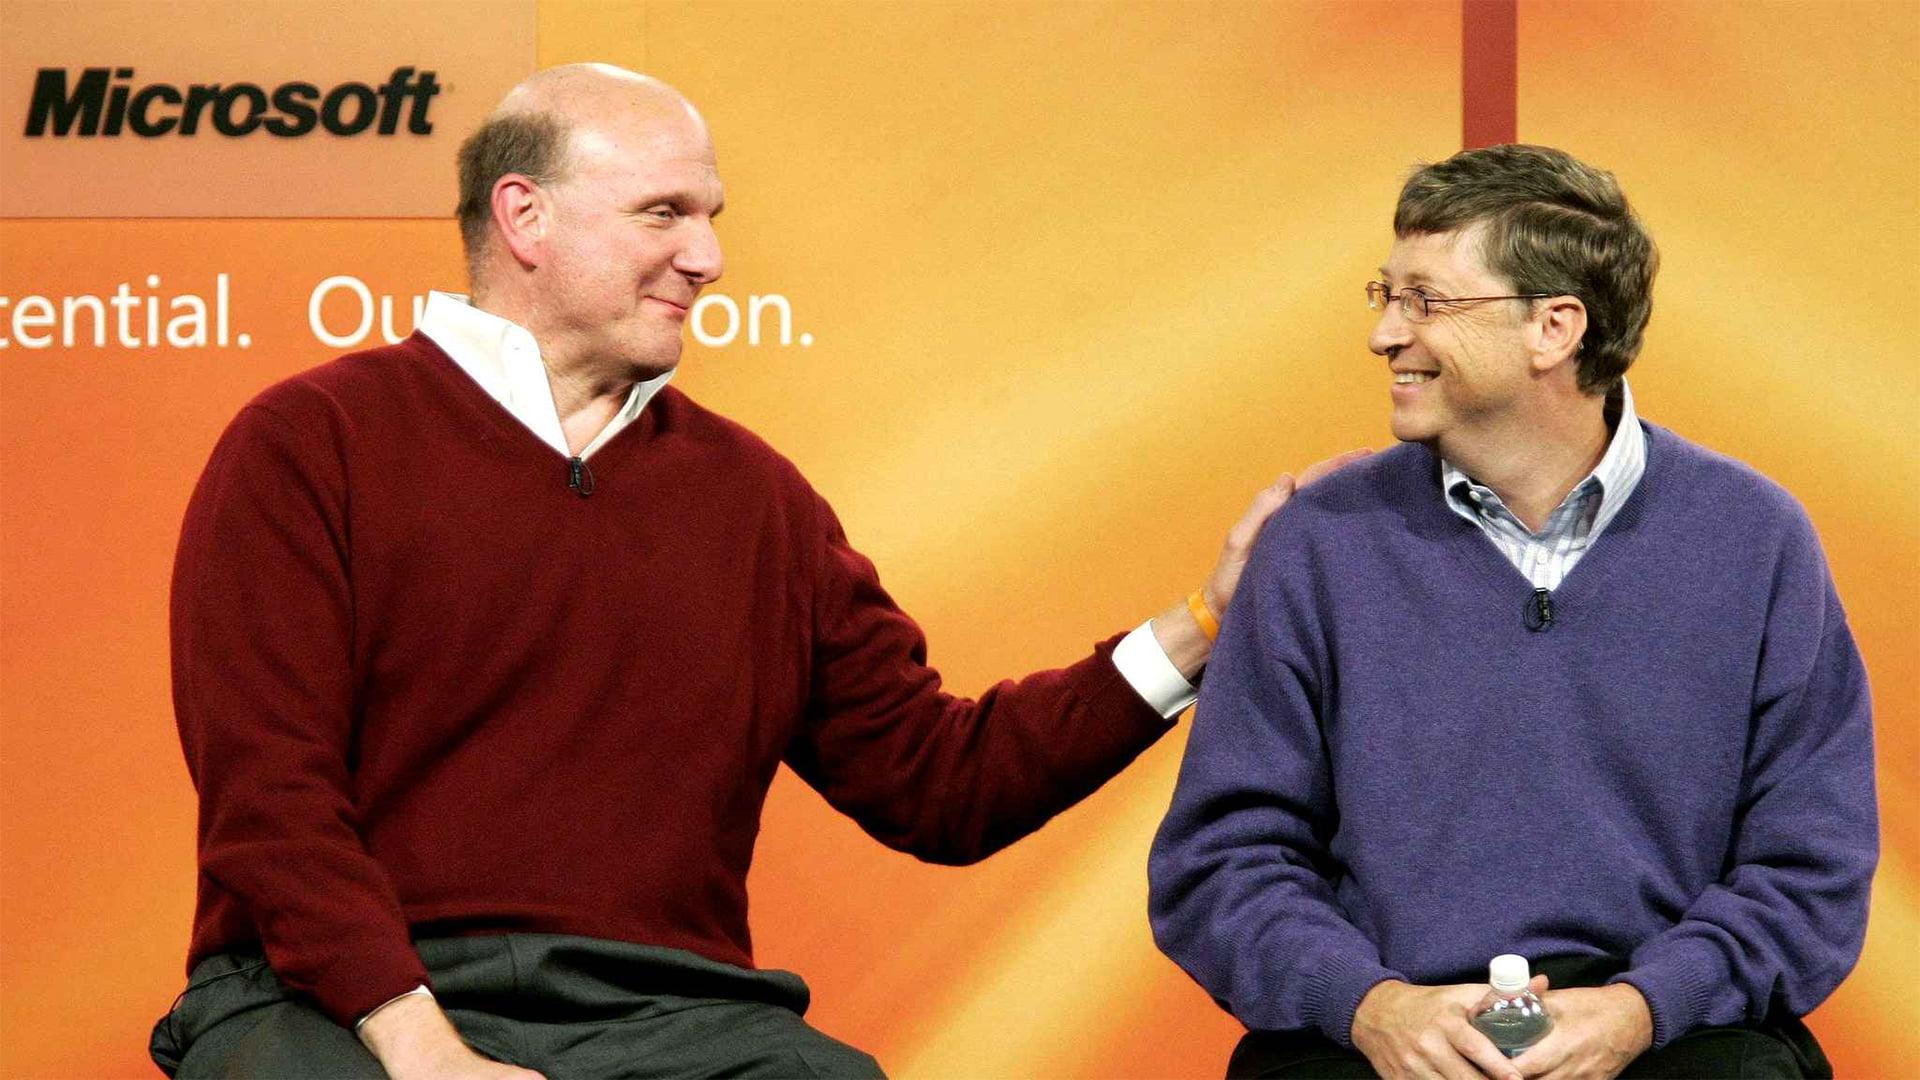 Presentación de Windows XP